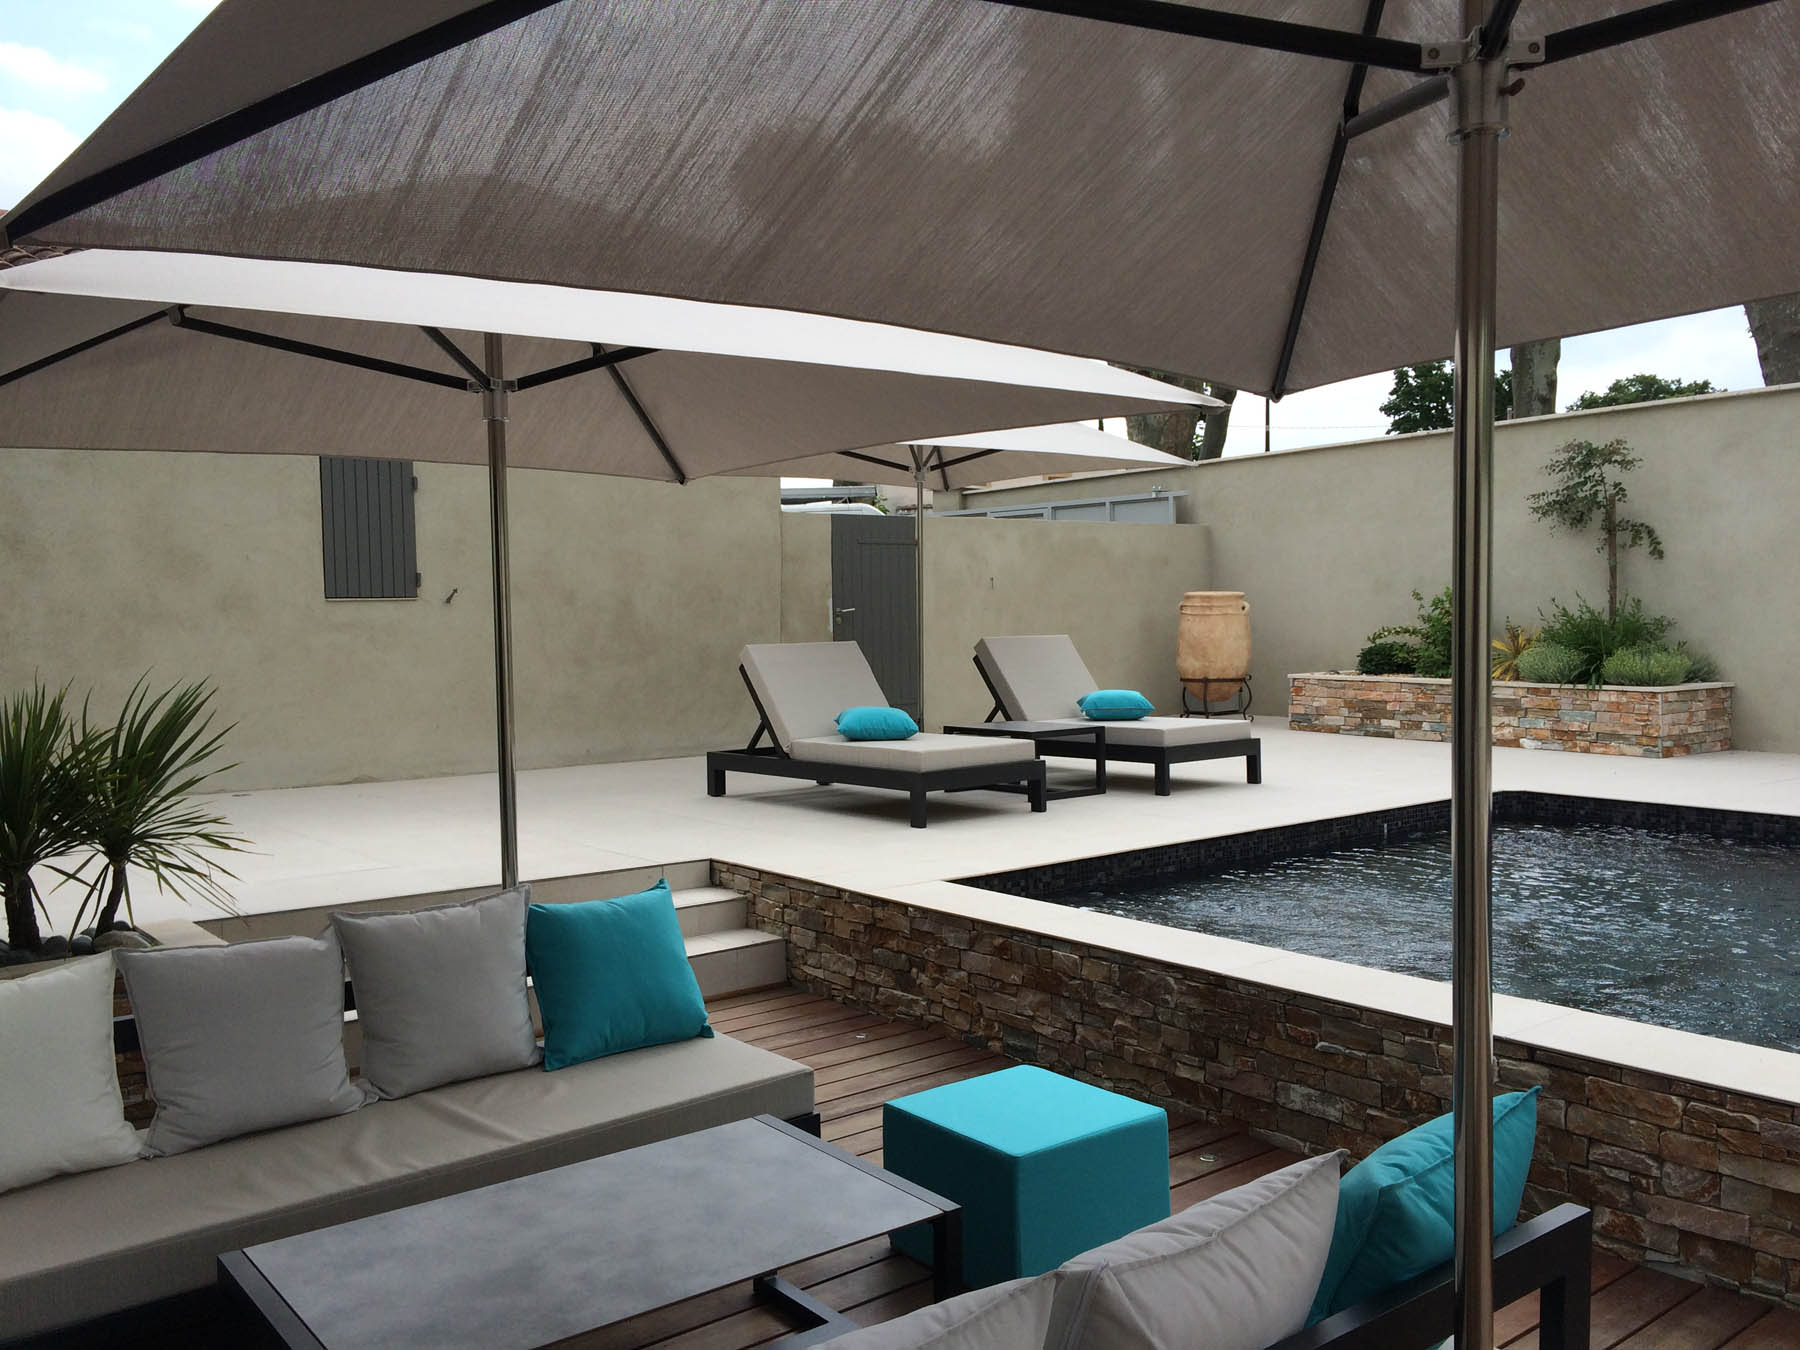 Mobilier pour bord de piscine ~~ Mobilier & Agencement La Réunion Monaco